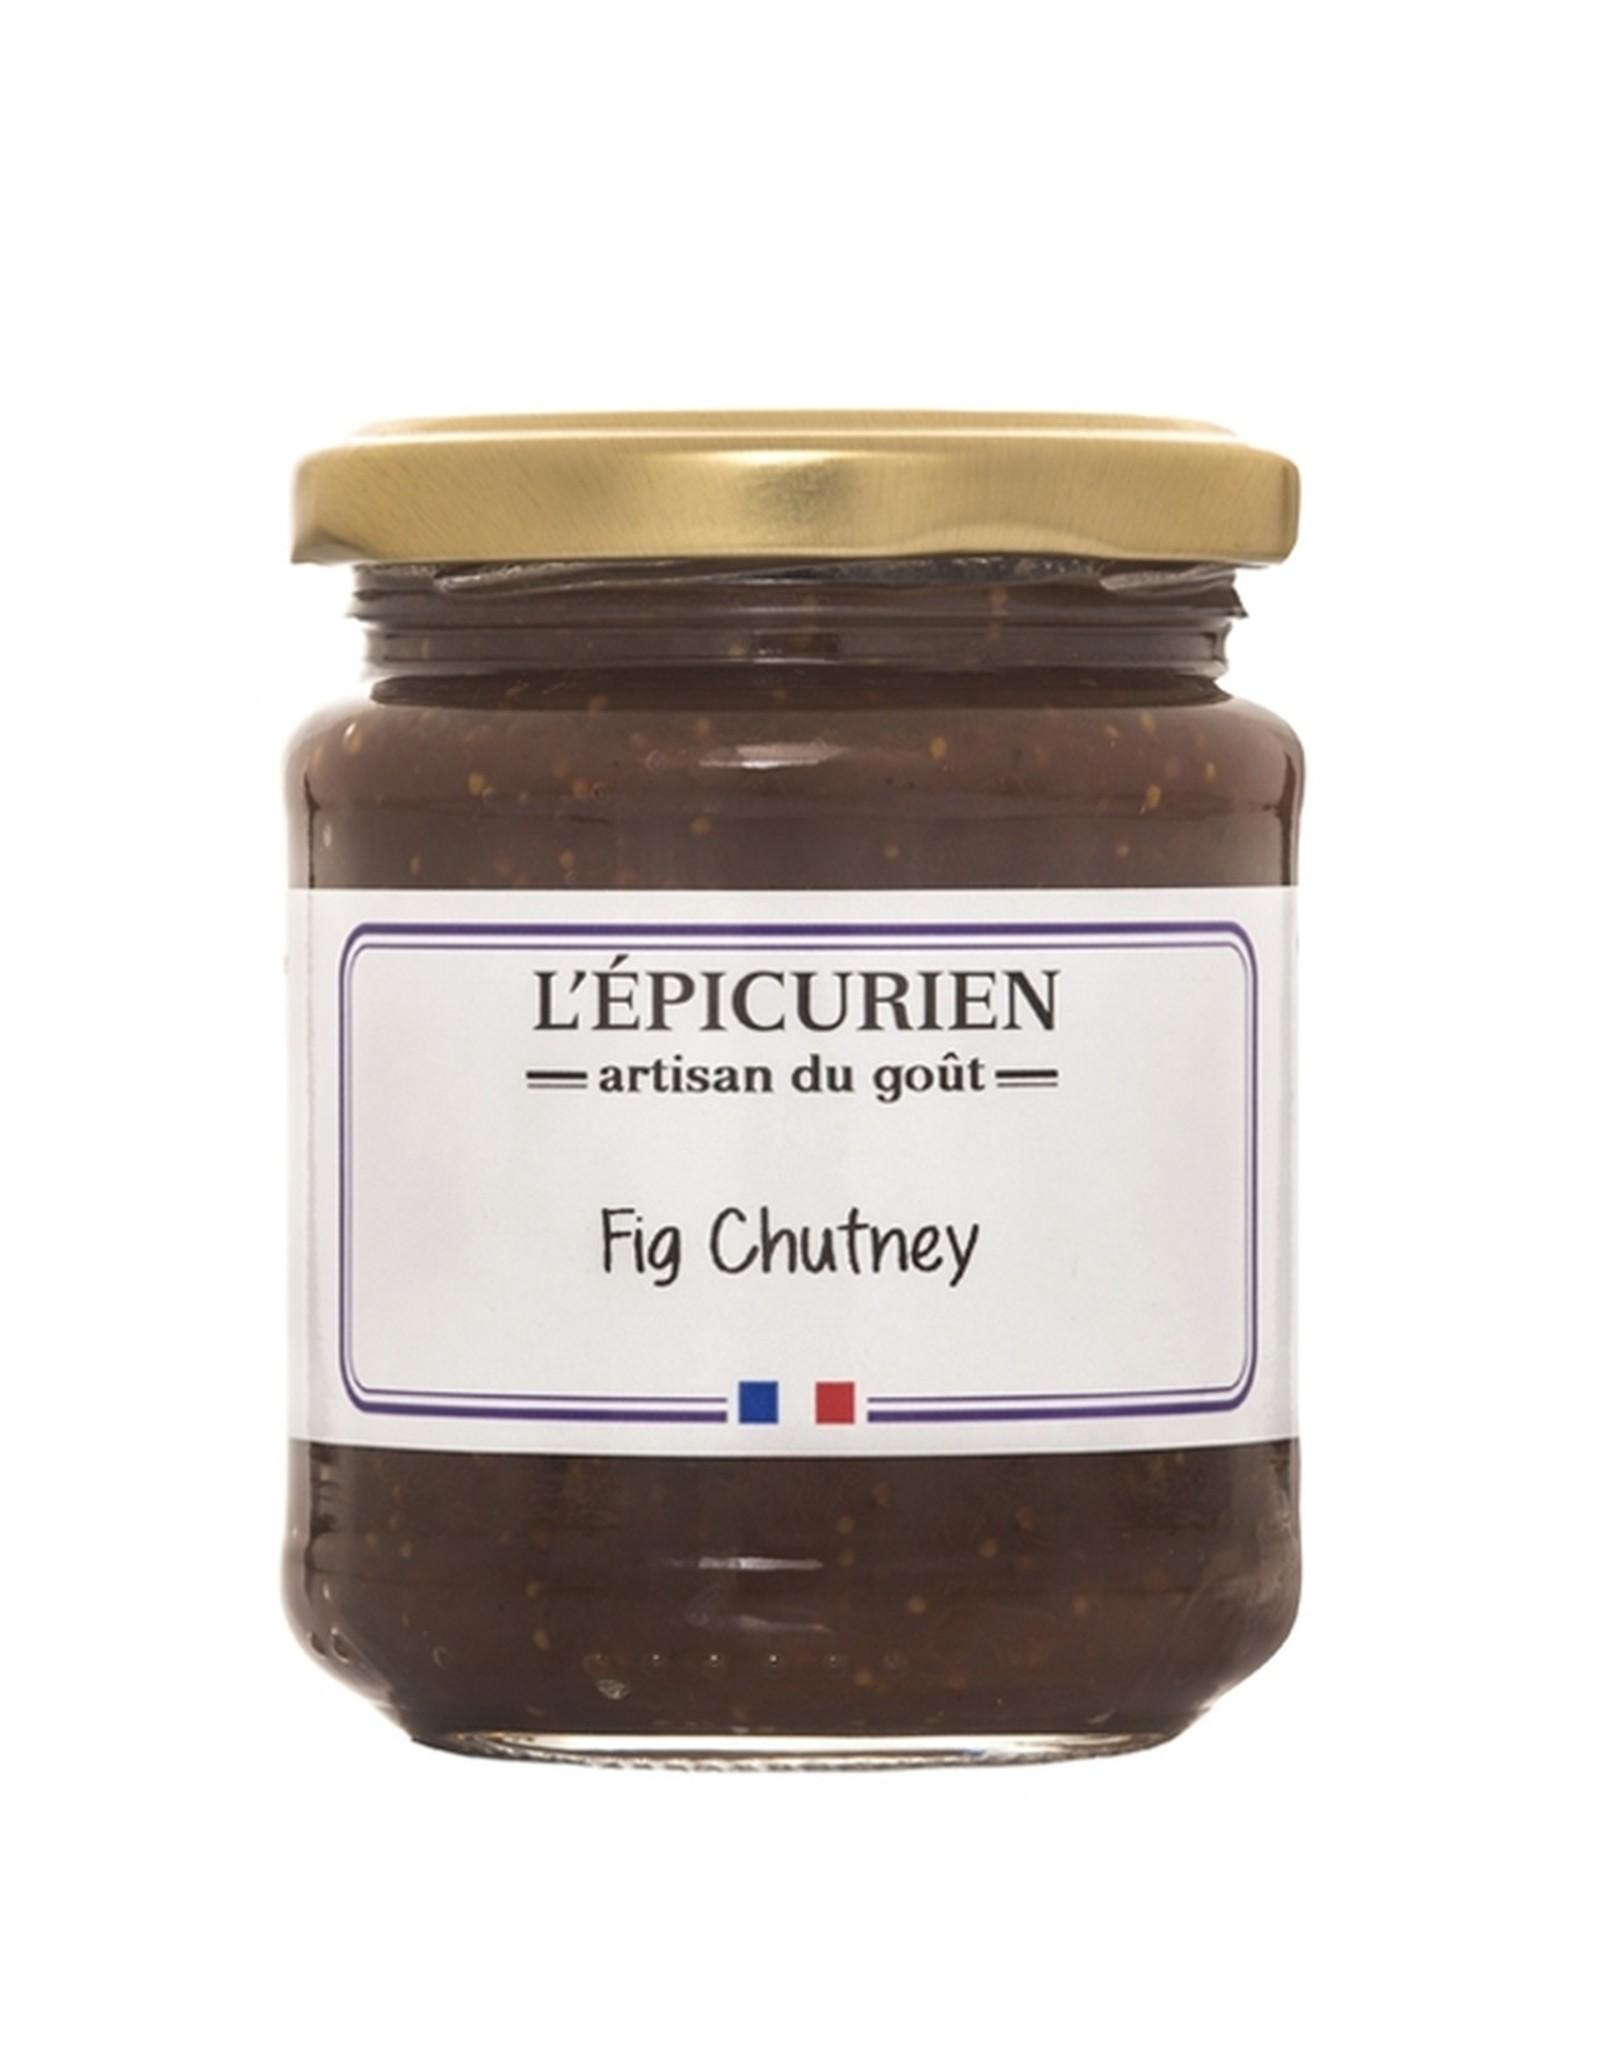 L'Epicurien L'Epicurien Fig and Spice Chutney